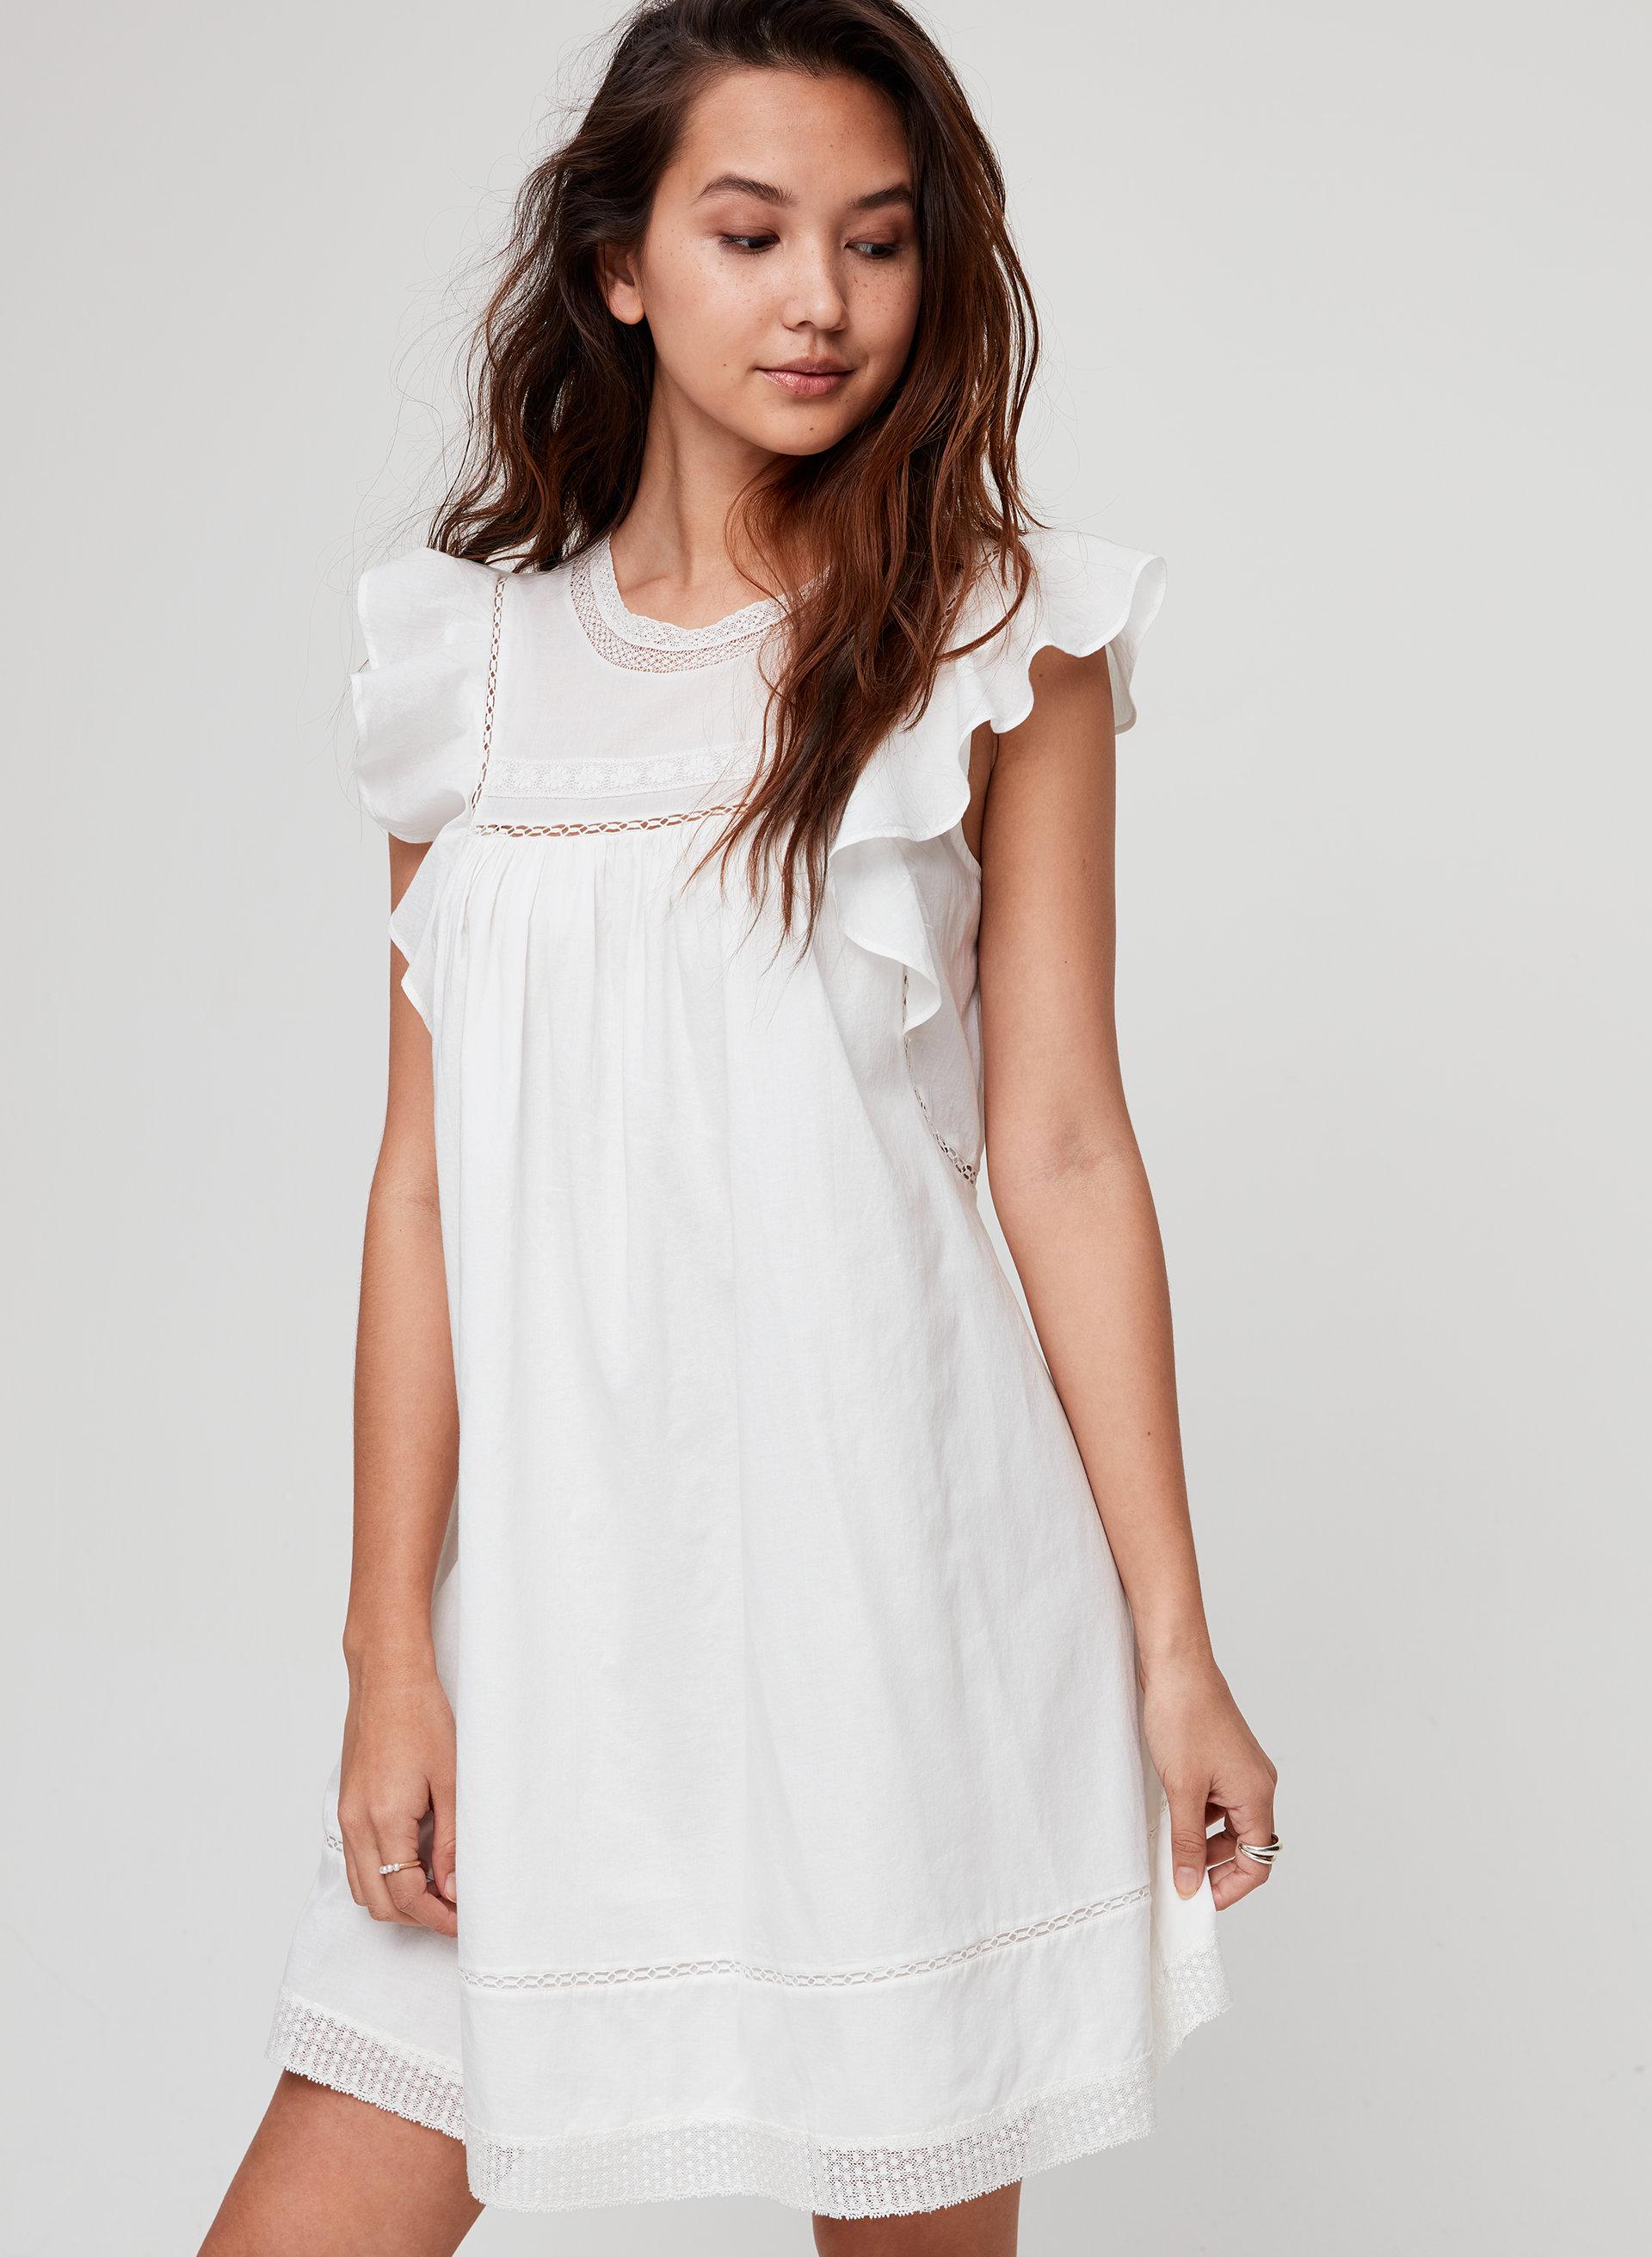 f6885fde94c anaya dress Cotton babydoll dress